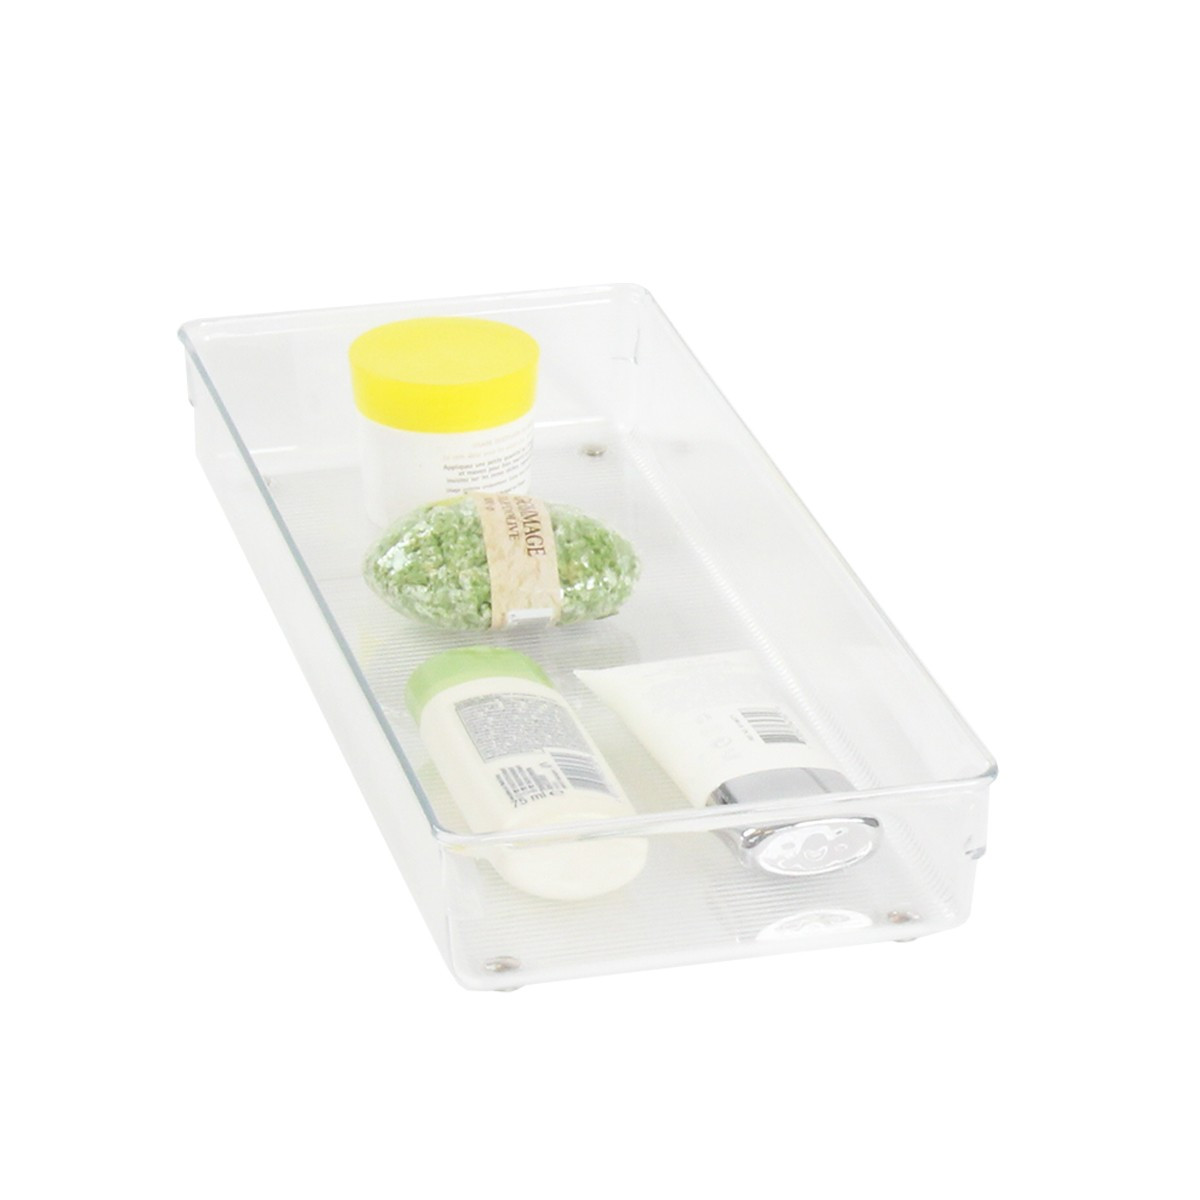 S parateur de tiroir transparent acrylique salle de bain - Organisateur de tiroir bureau ...